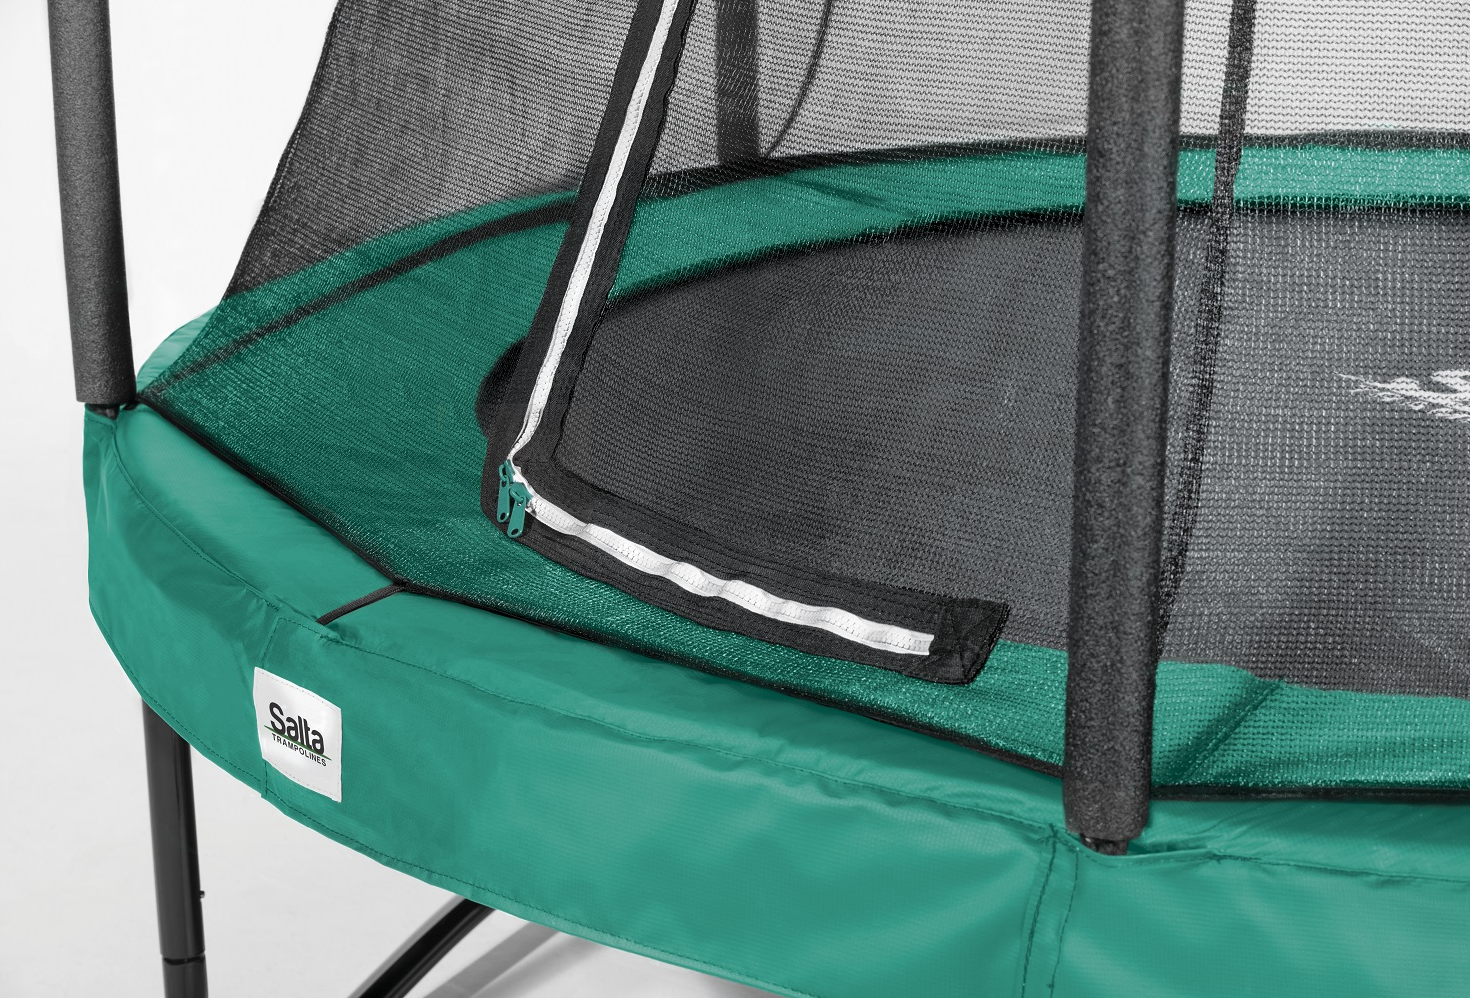 trampolina ogrodowa gofit 2.0 podstawa